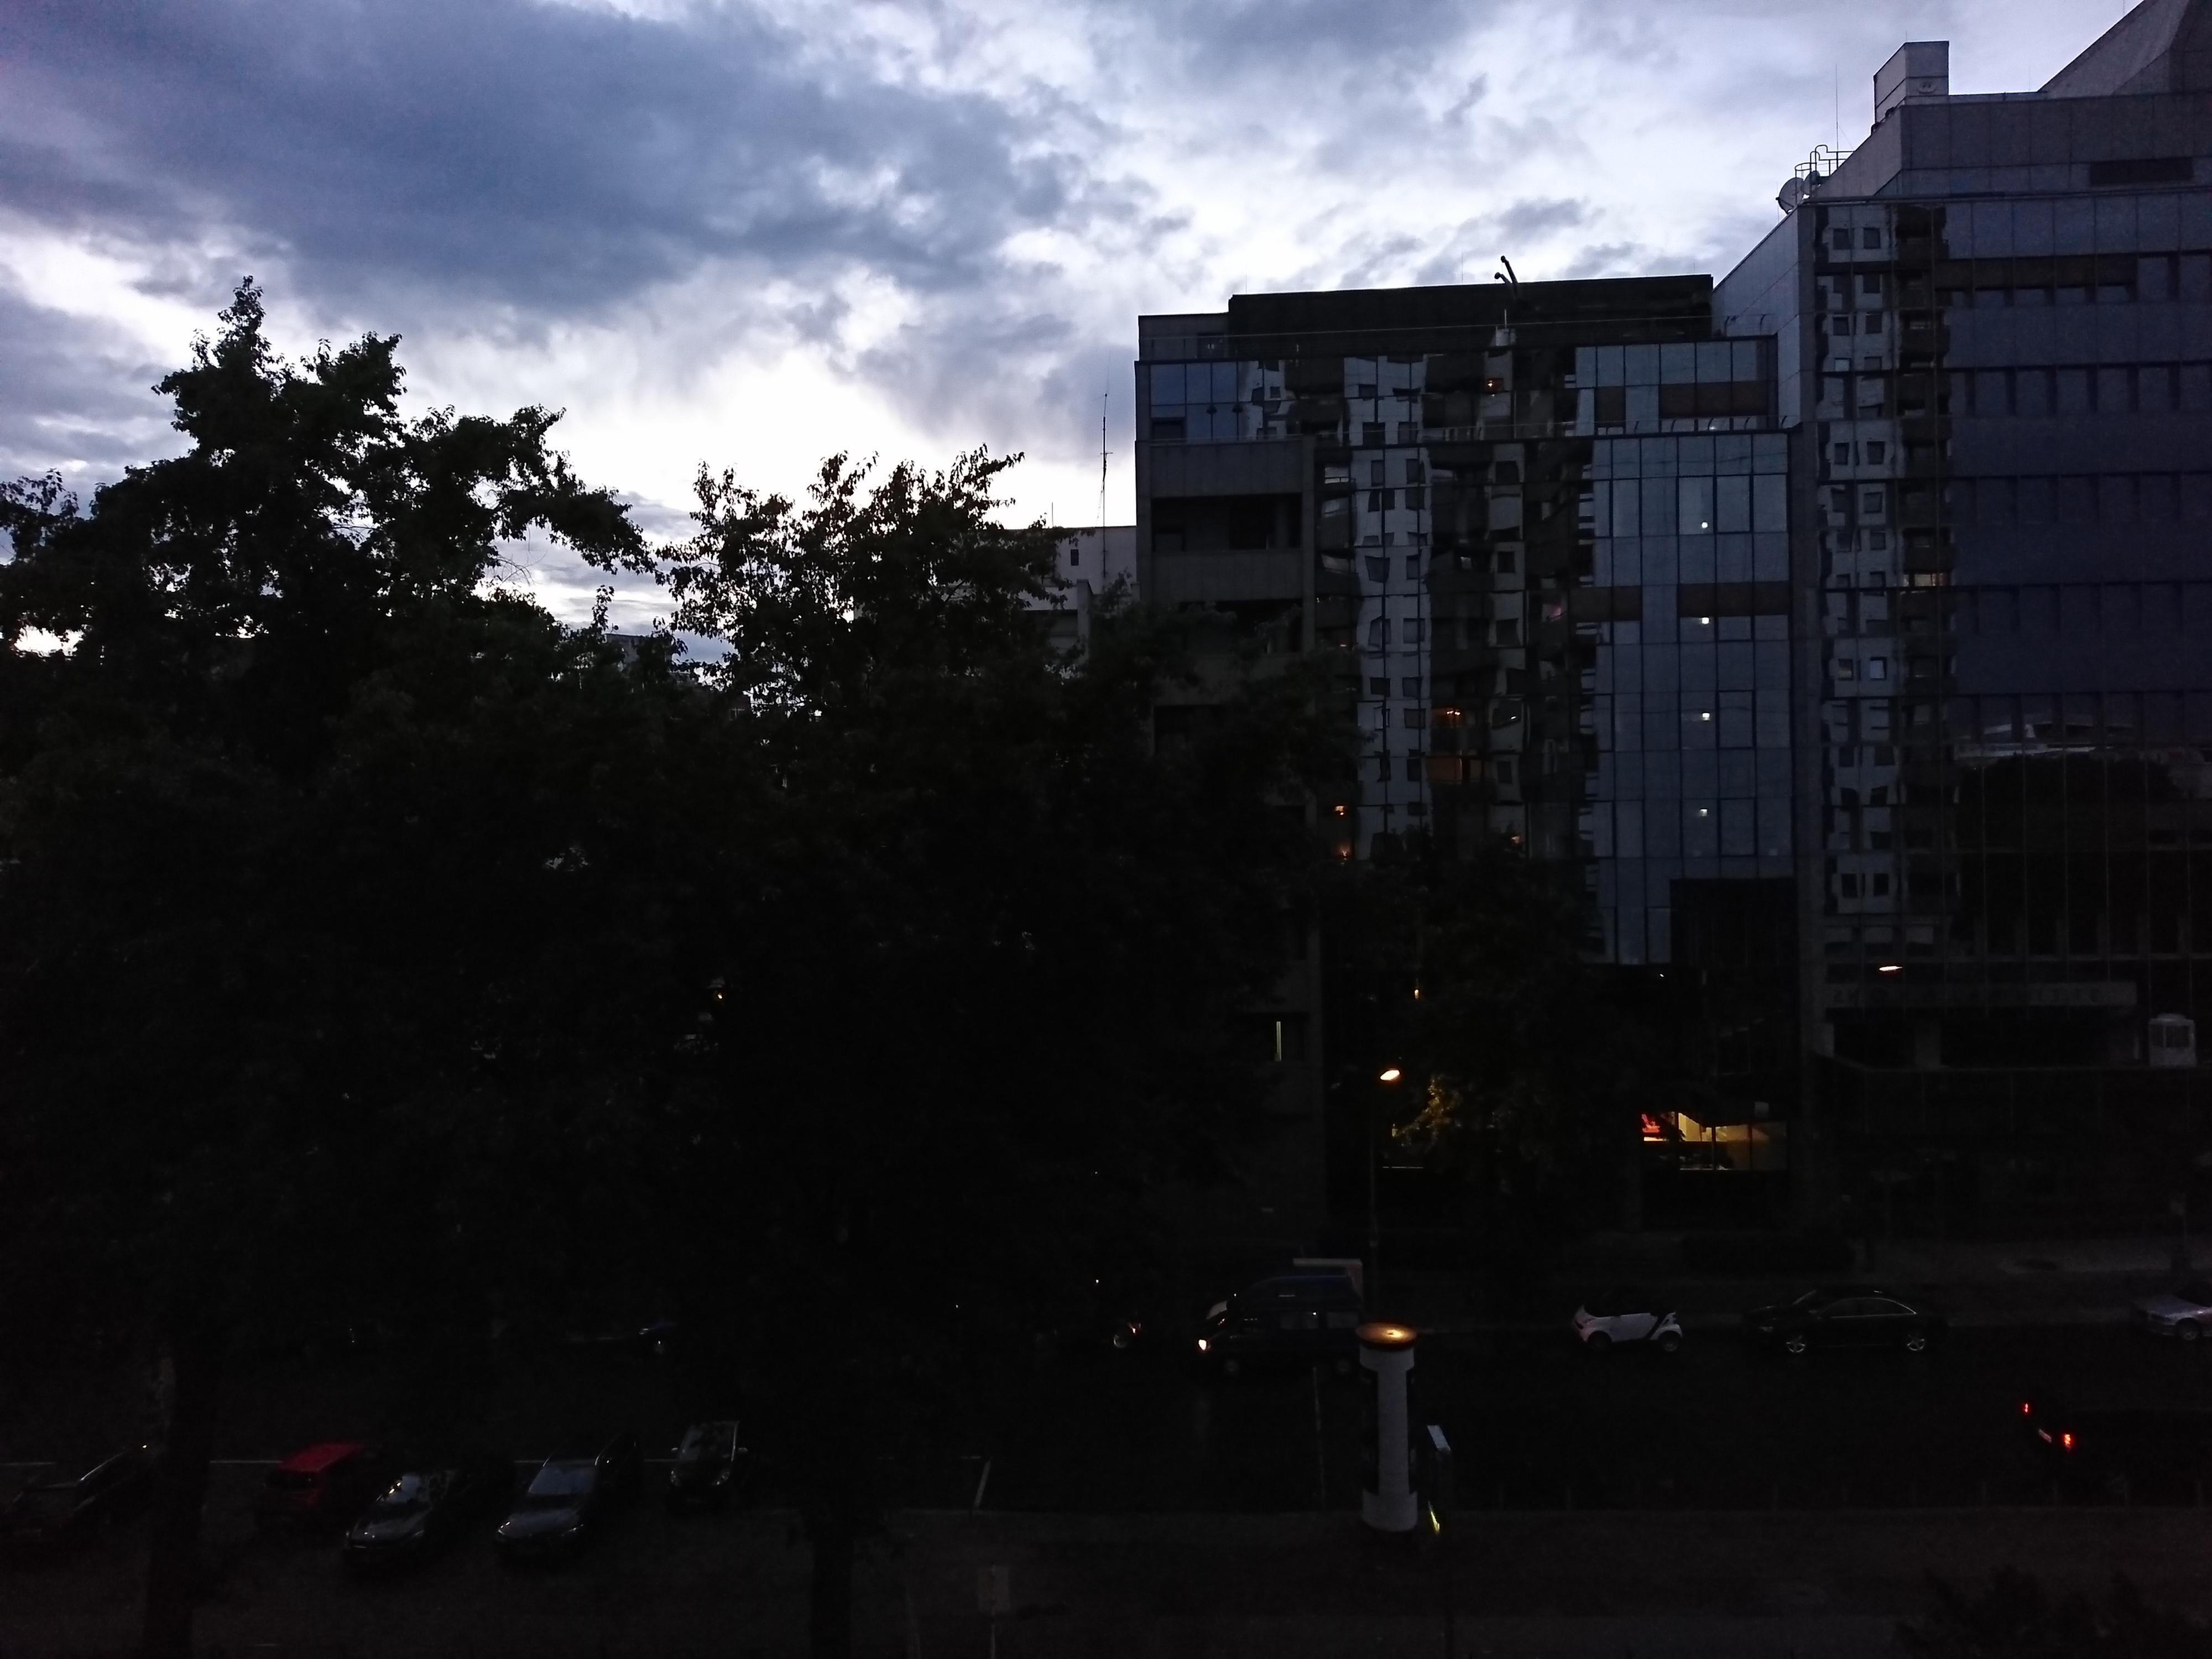 Klokken 20 gikk det dog vesentlig dårligere. Avhengig av hvor fritt vi lar automatikken styre blir bildene enten veldig mørke ...